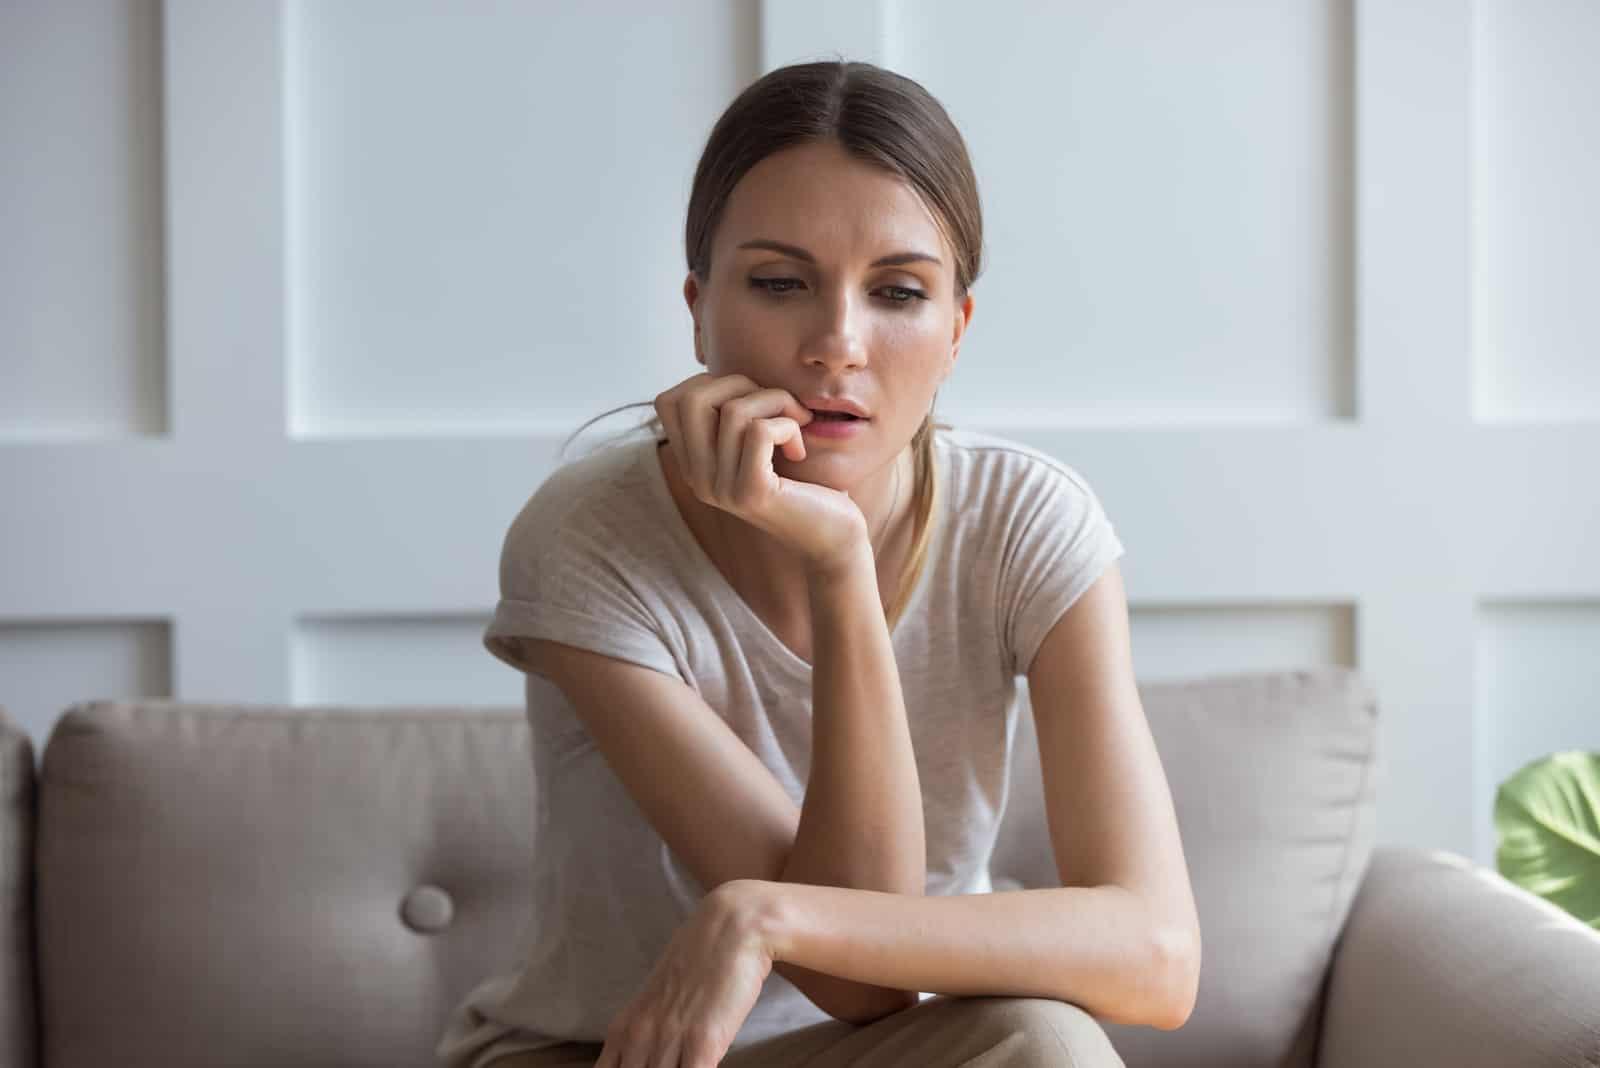 fundersam kvinna som sitter på soffan